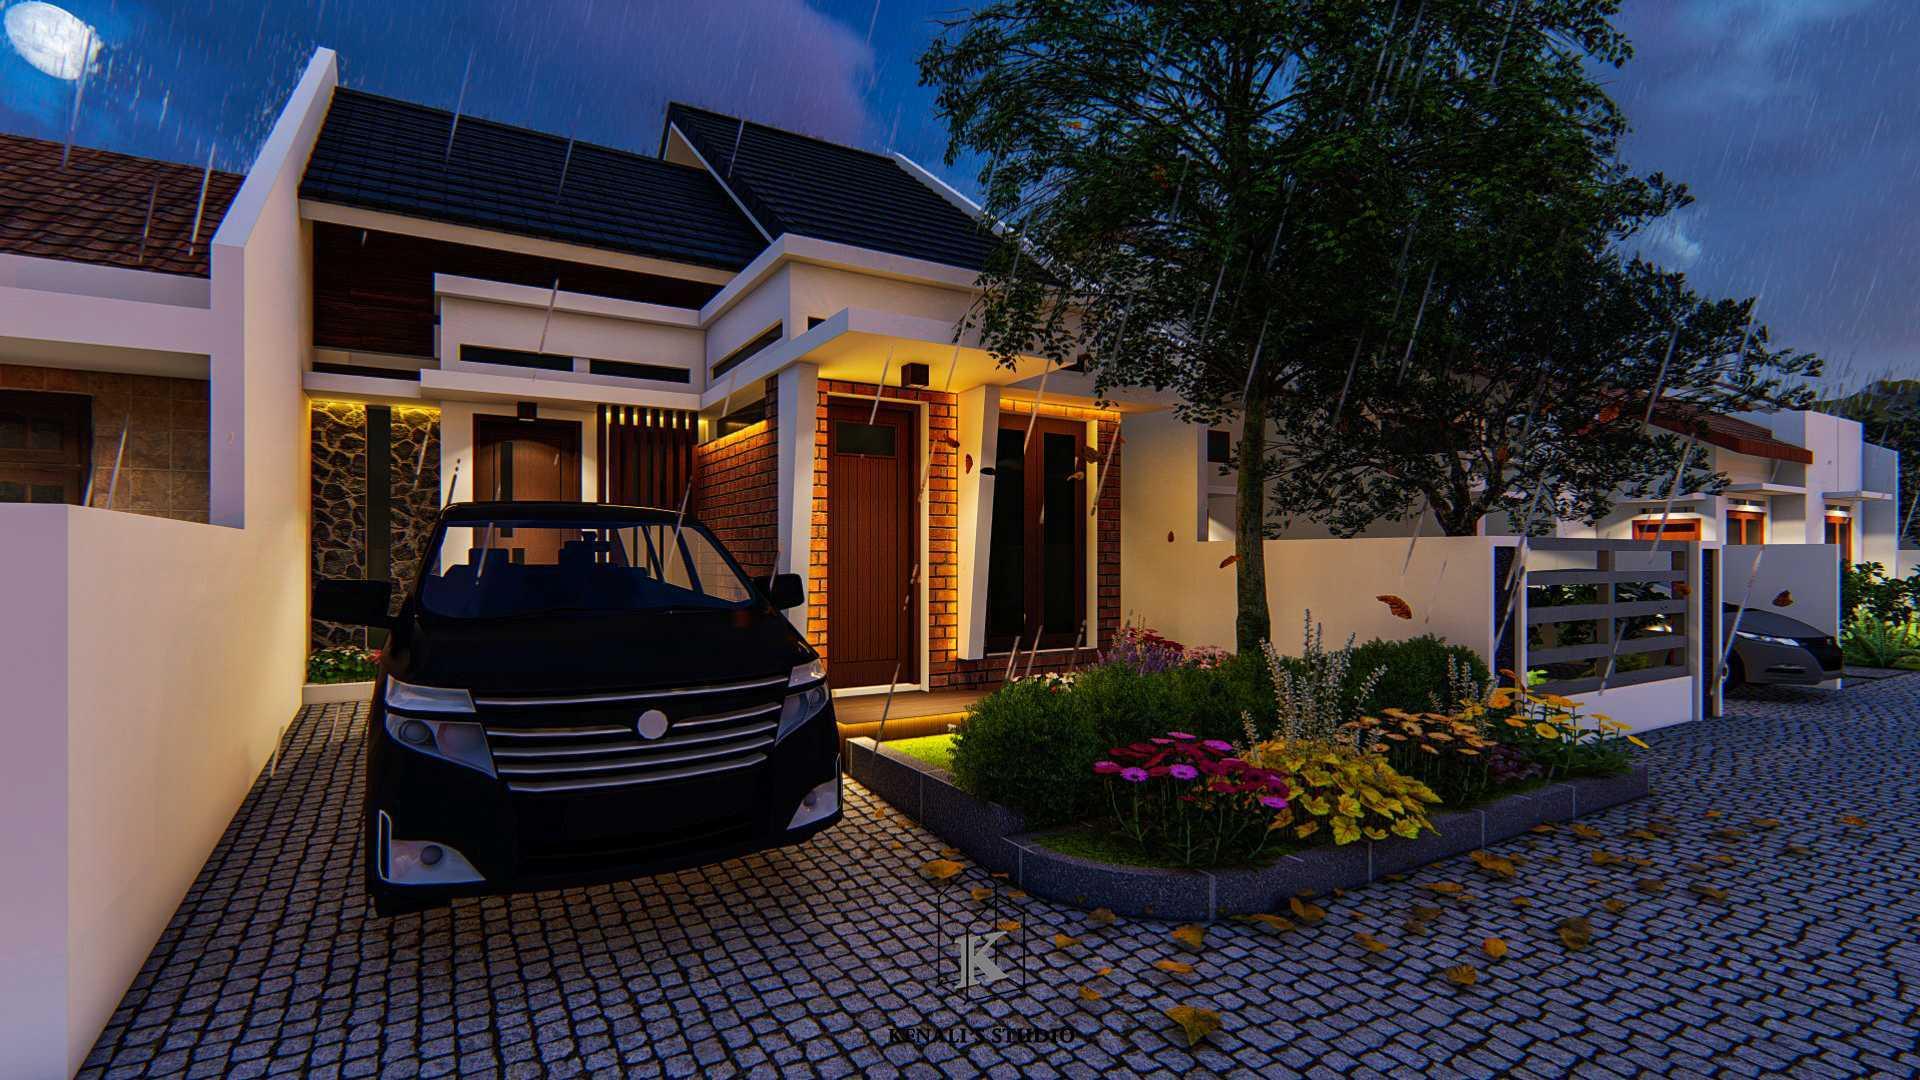 """Kenali's Studio """"folksy"""" Dh - House Kabupaten Demak, Jawa Tengah, Indonesia Kabupaten Demak, Jawa Tengah, Indonesia Kenalis-Studio-Folksy-Dh-House  66958"""